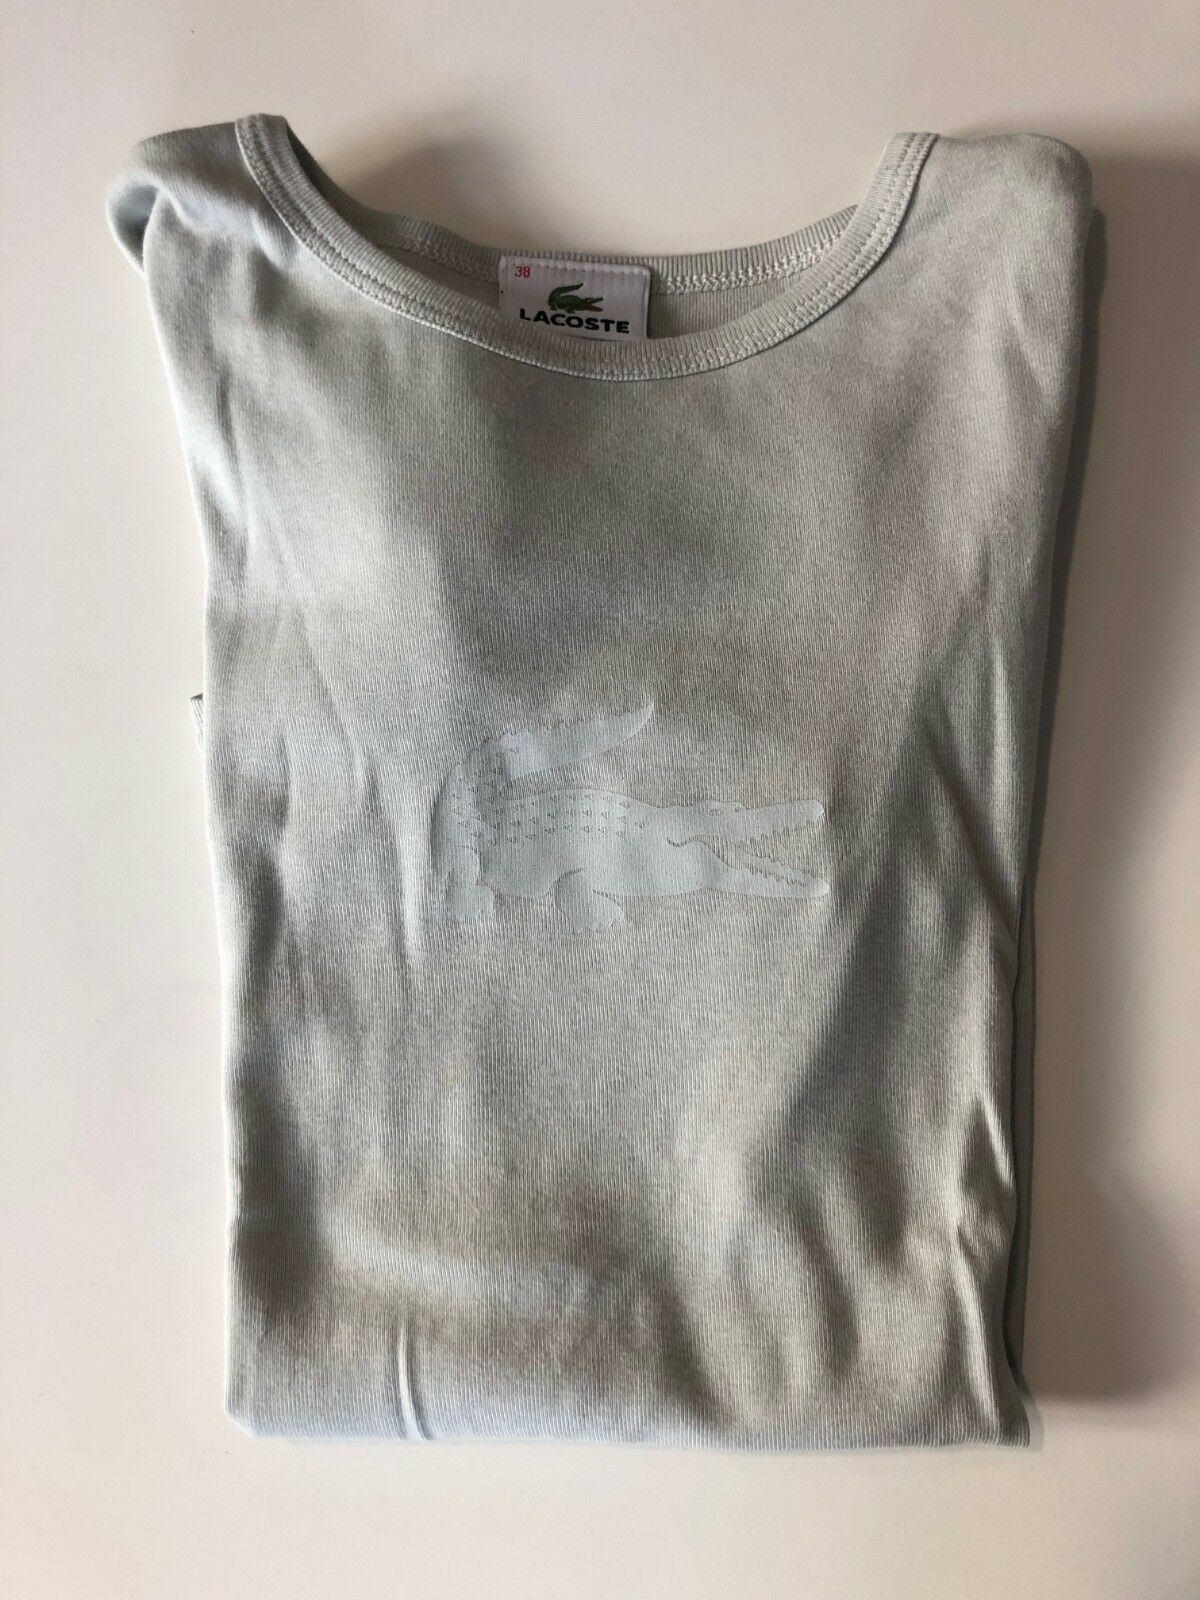 LACOSTE Kurzarm Shirt, Gr. 38, helles graugrün